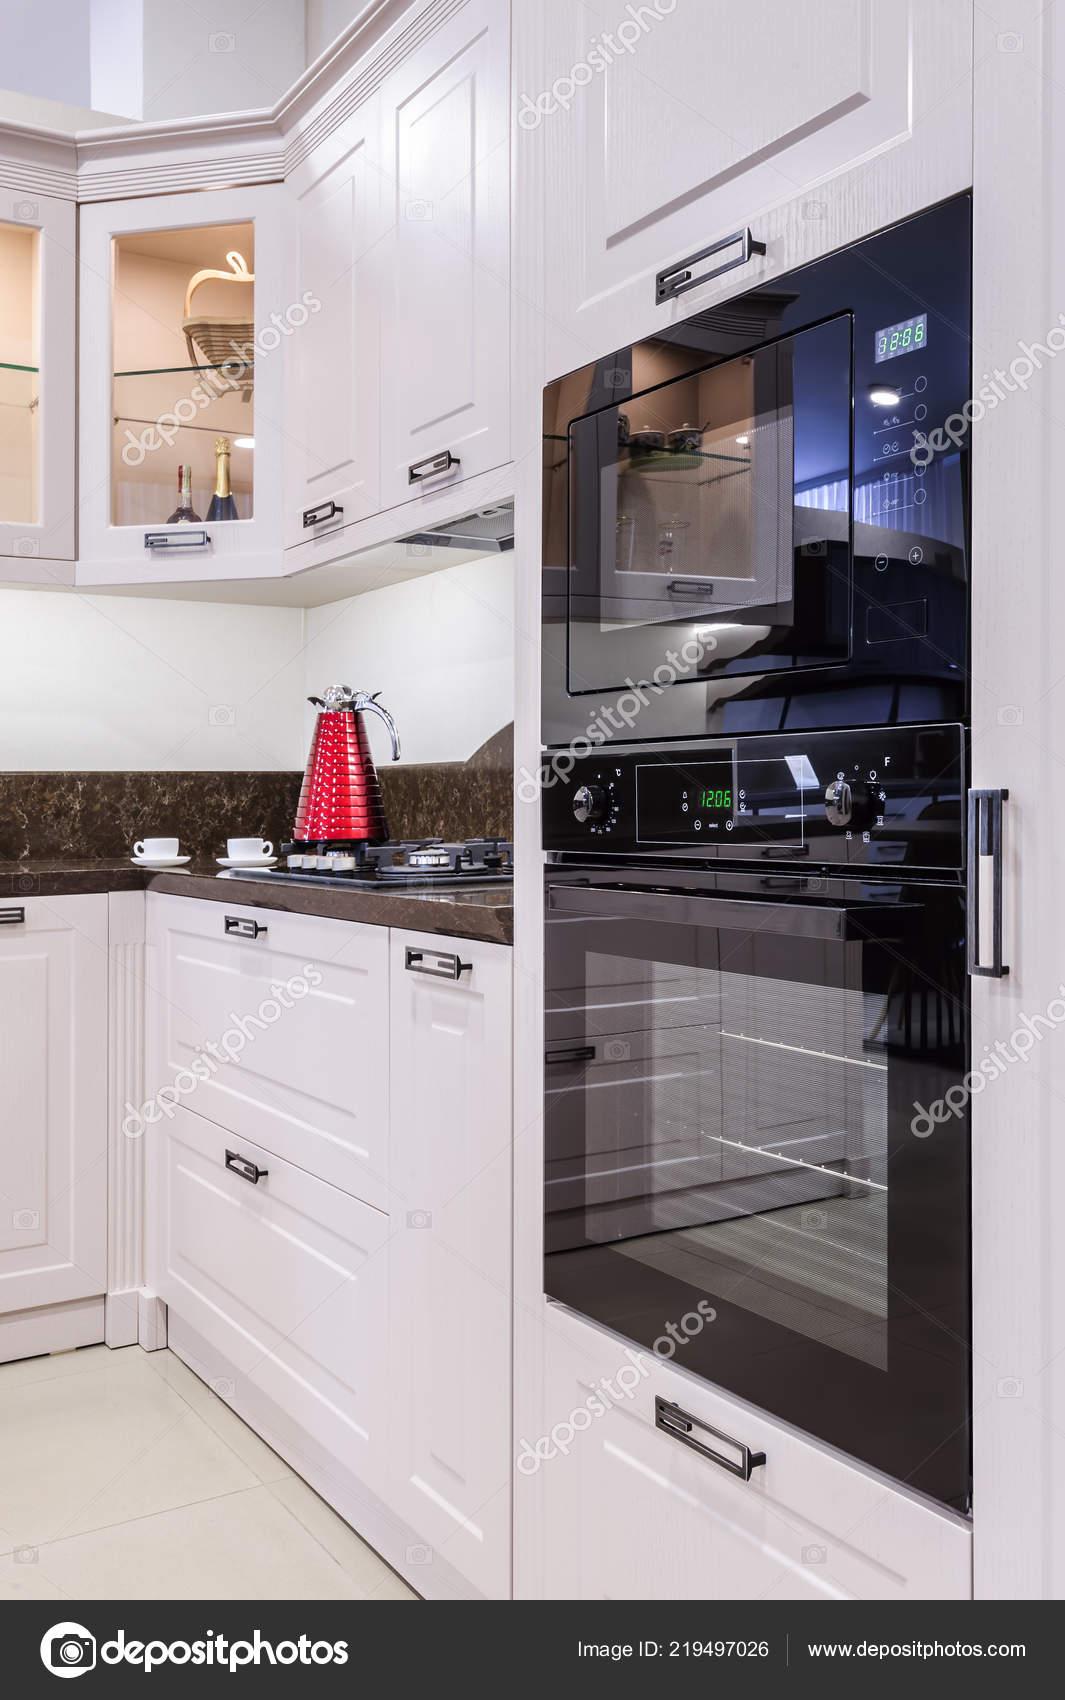 Luxus modern Beige Küche Interieur — Stockfoto © starush #219497026